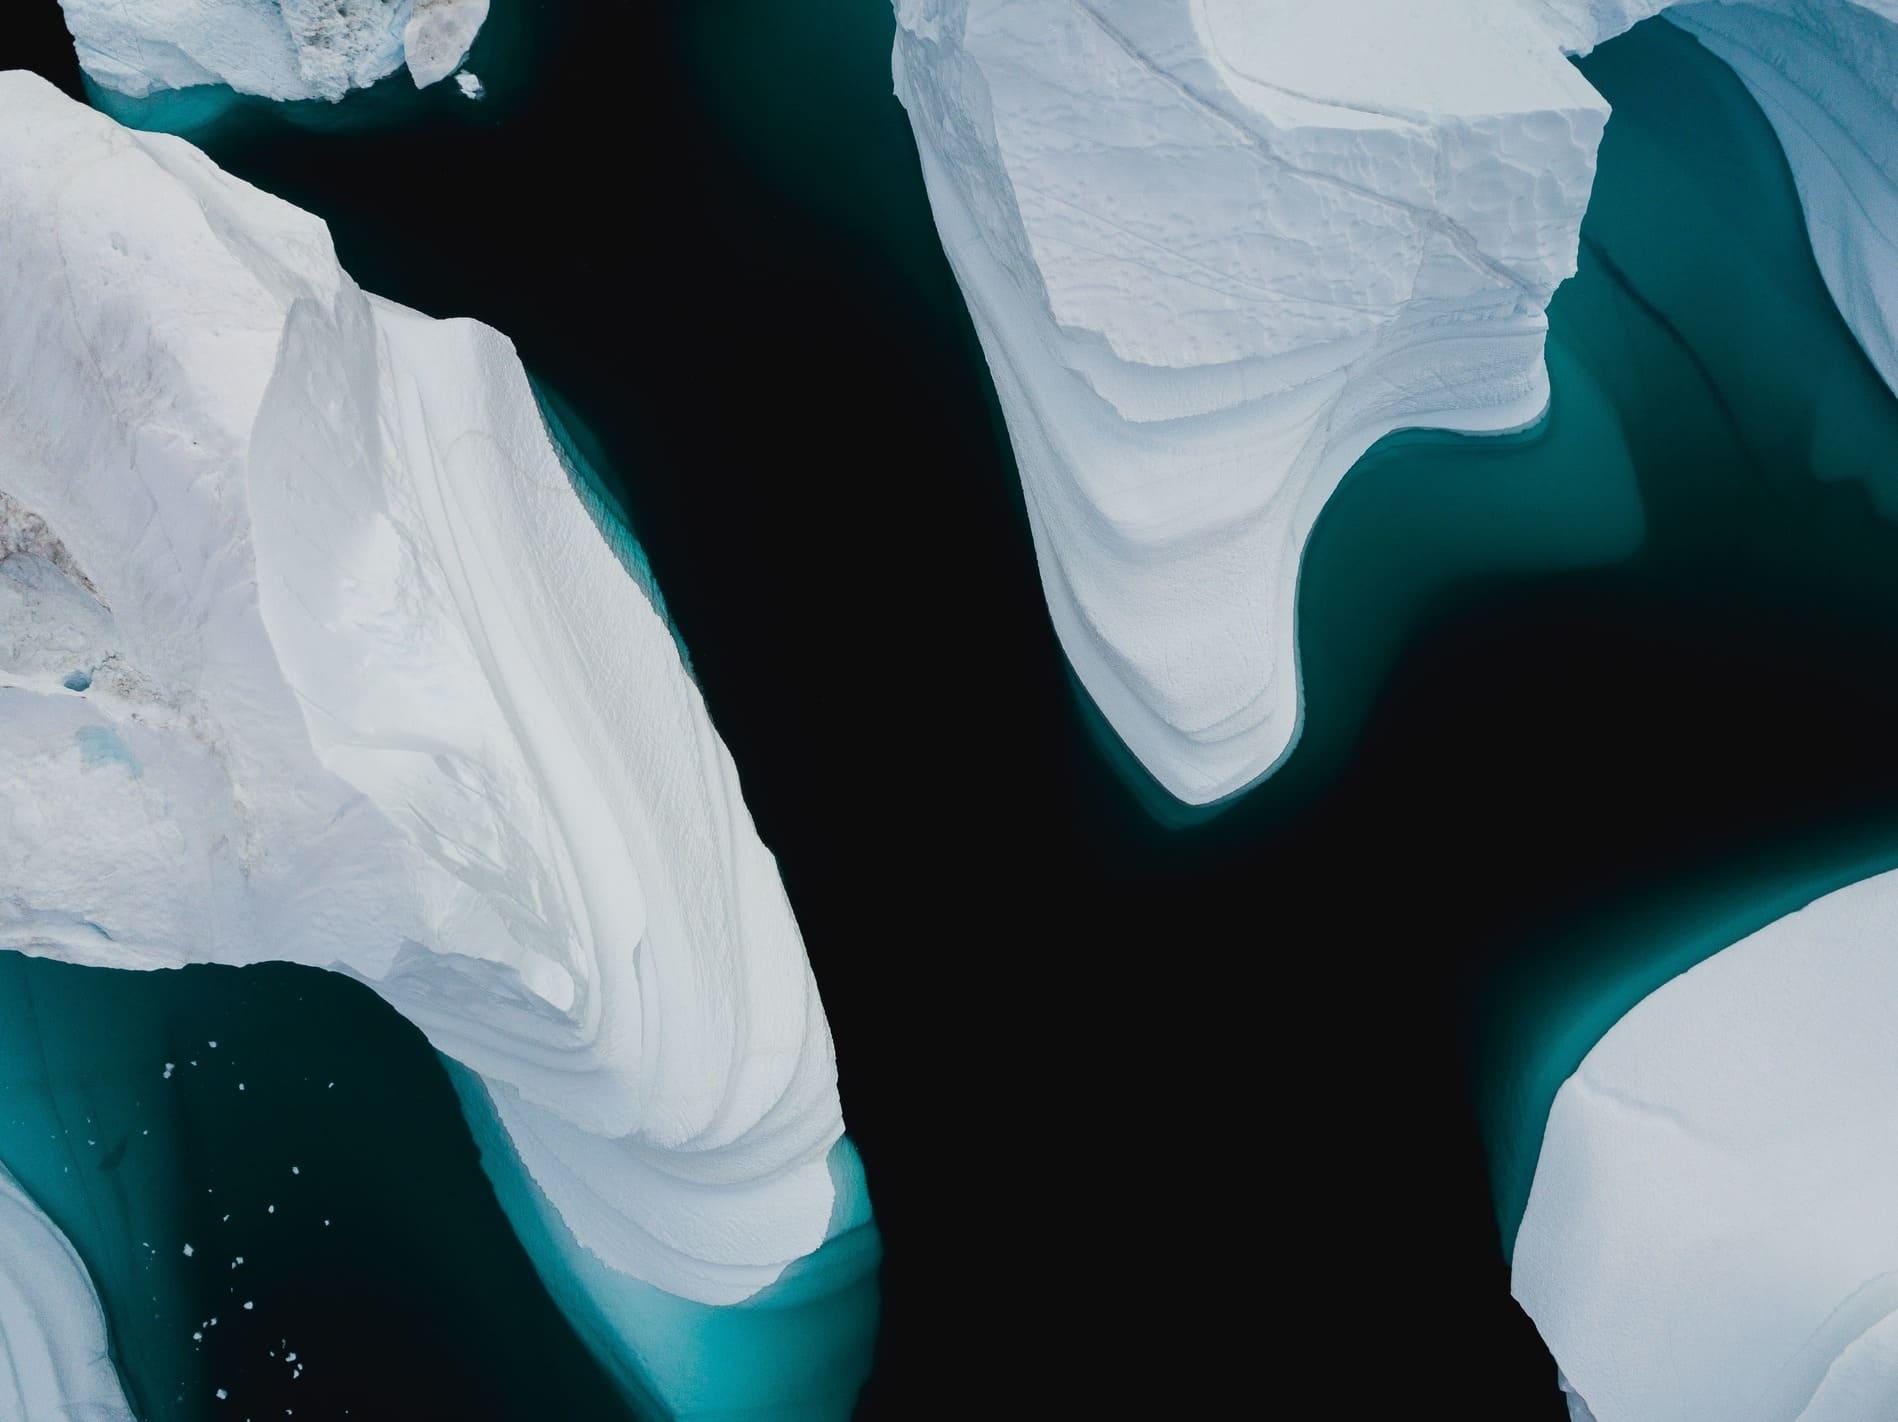 Comment luter contre le réchauffement climatique : fonte des glaces